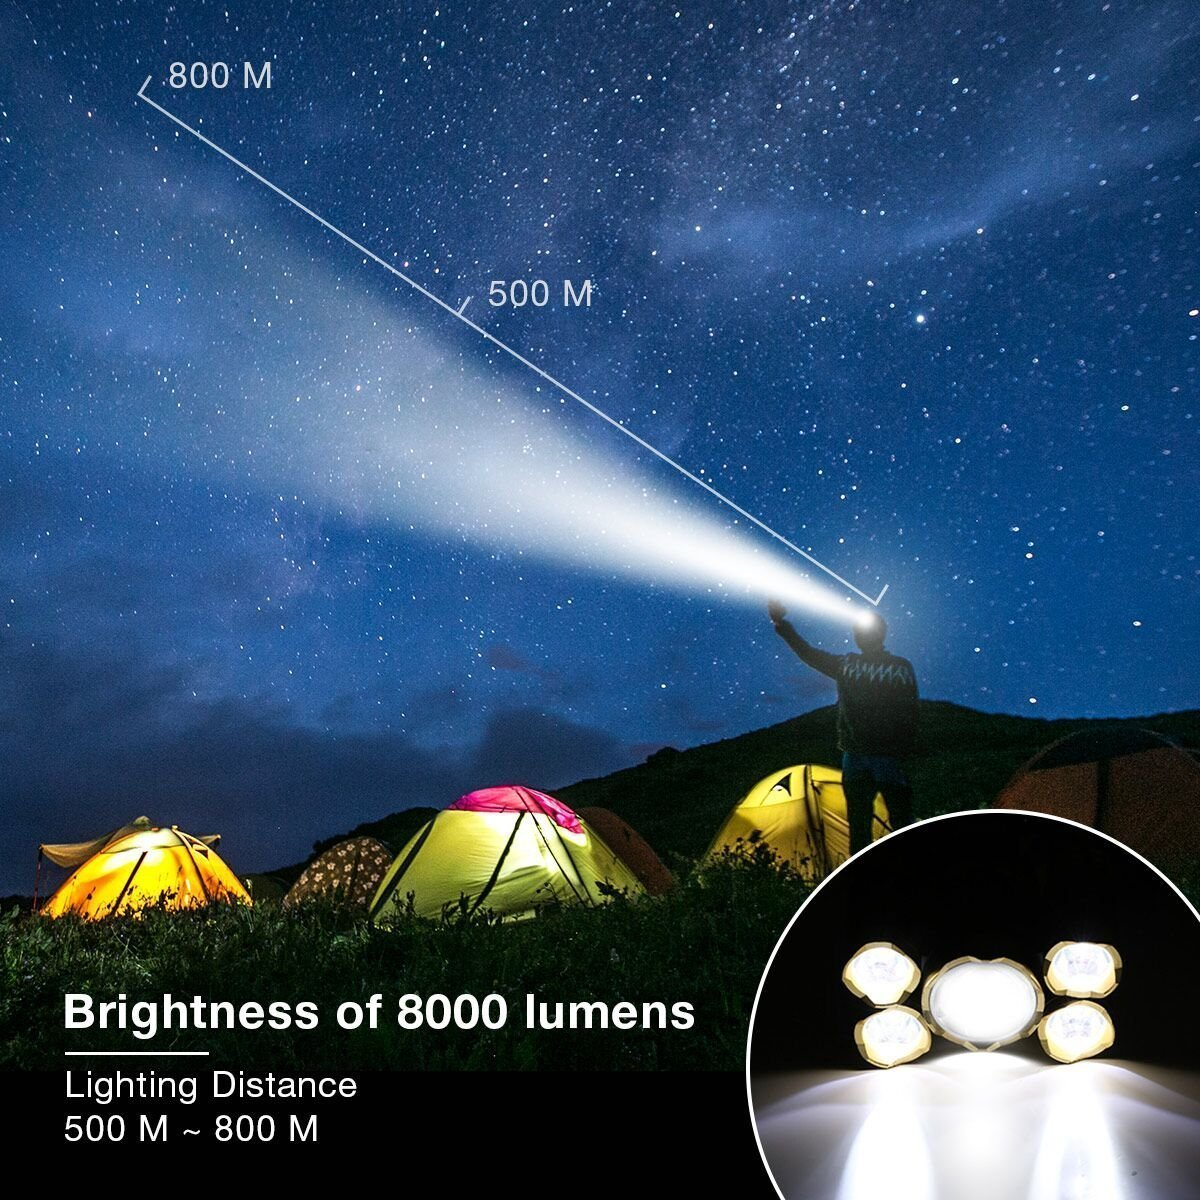 Lampe Frontale Puissante avec 5 LED de 8000 lumens SGODDE Lampe Torche LED Zoomable et /Étanche avec 2 x 18650 8800mAh Batterie Rechargeable de Protection contre Surcharge.